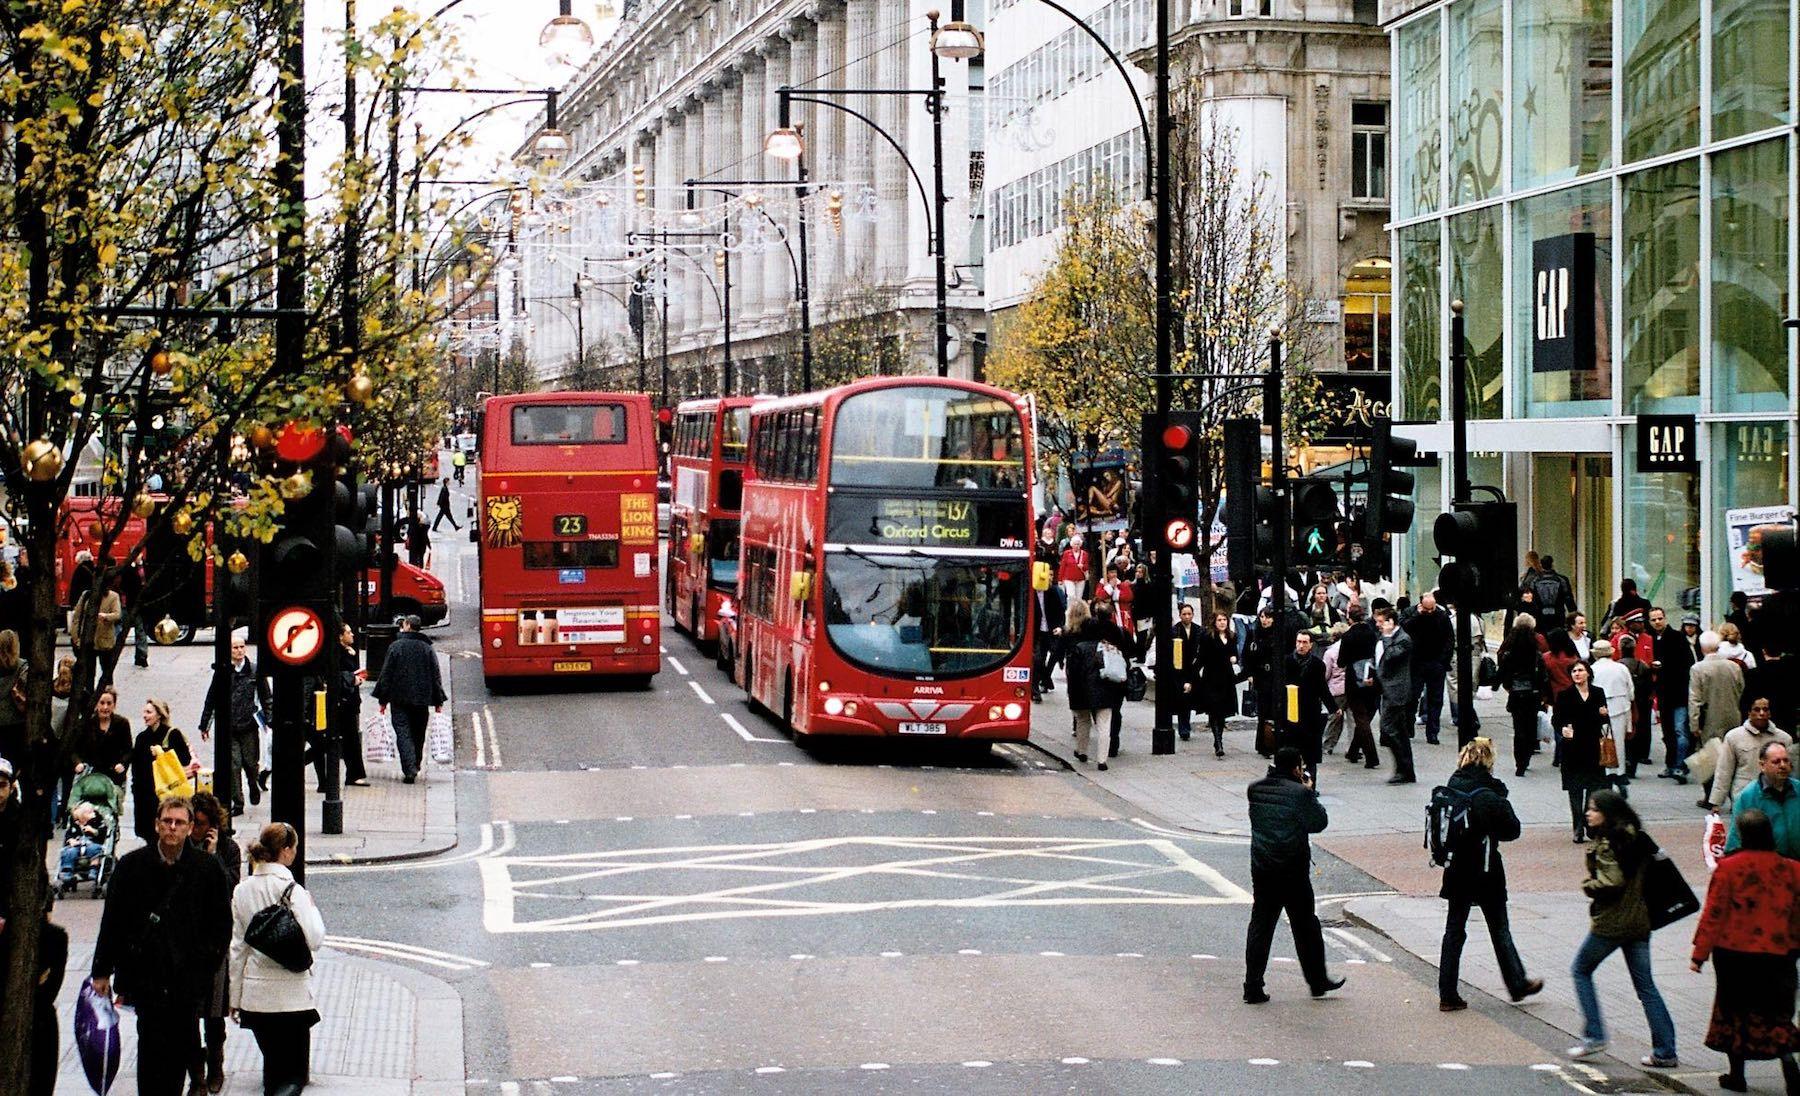 伦敦西区7月游客消费同比实现两位数增长,中国游客消费额同比大涨31%